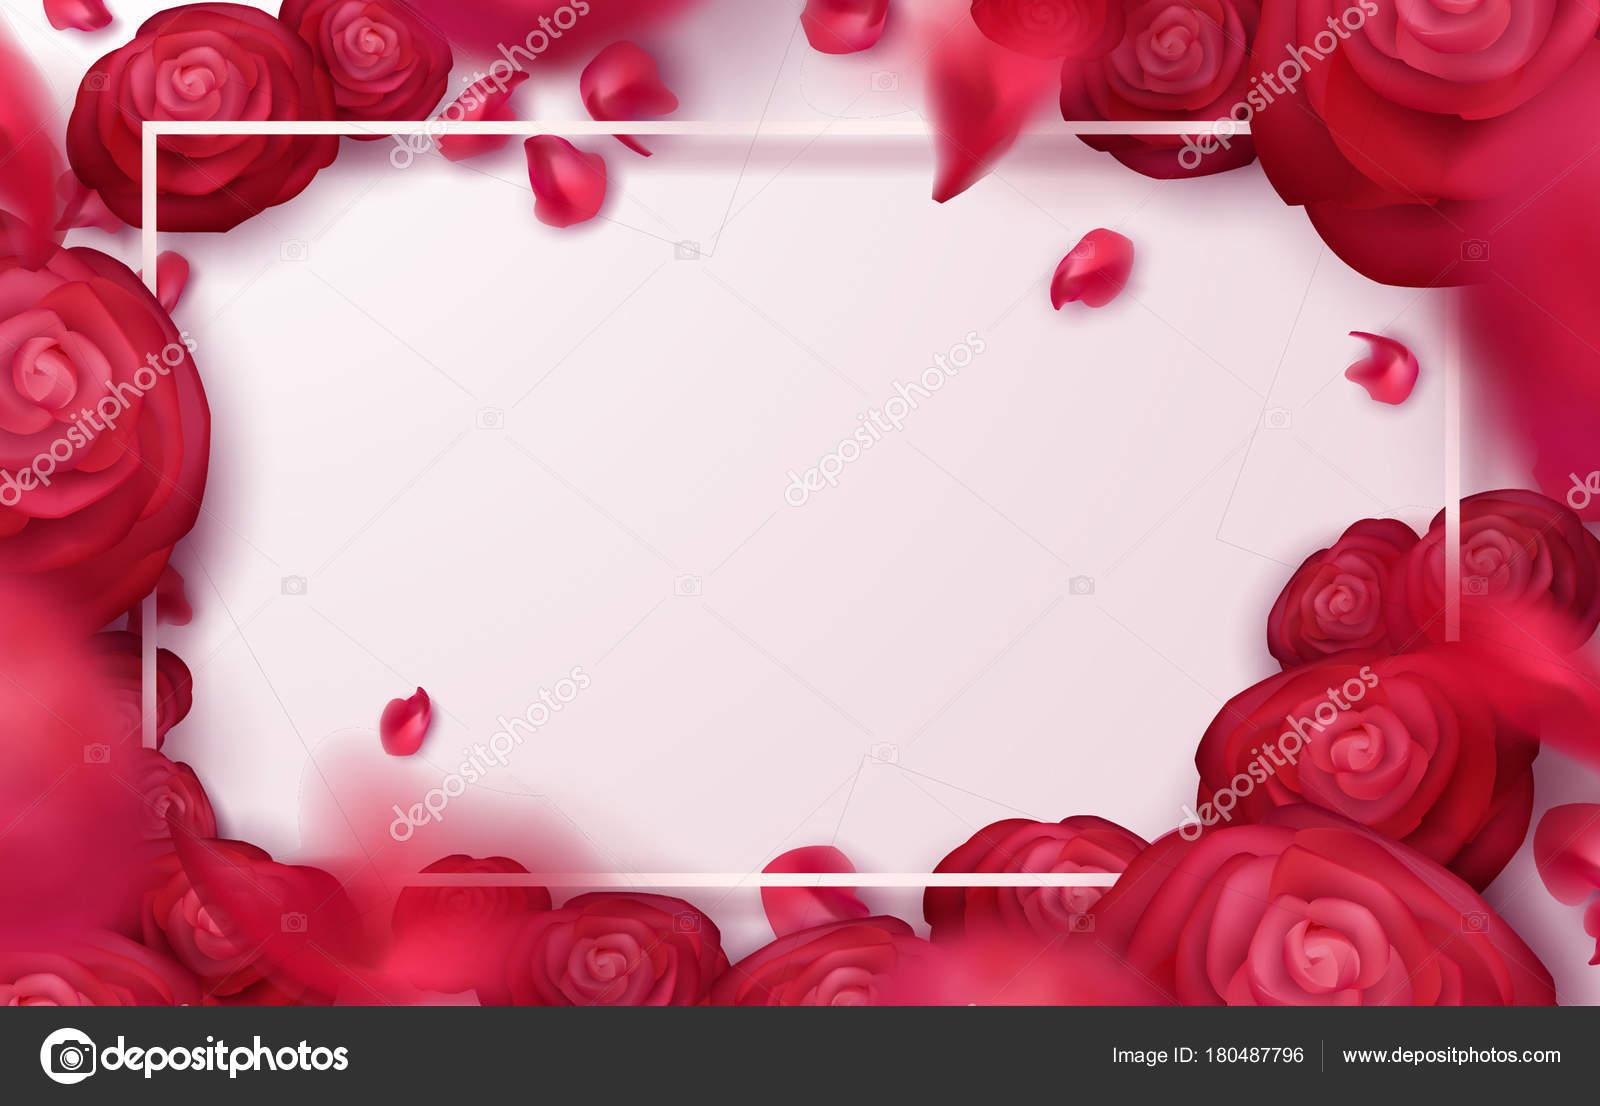 Stažení royalty-free Valentinky den pozdrav nebo svatební pozvání pozadí.